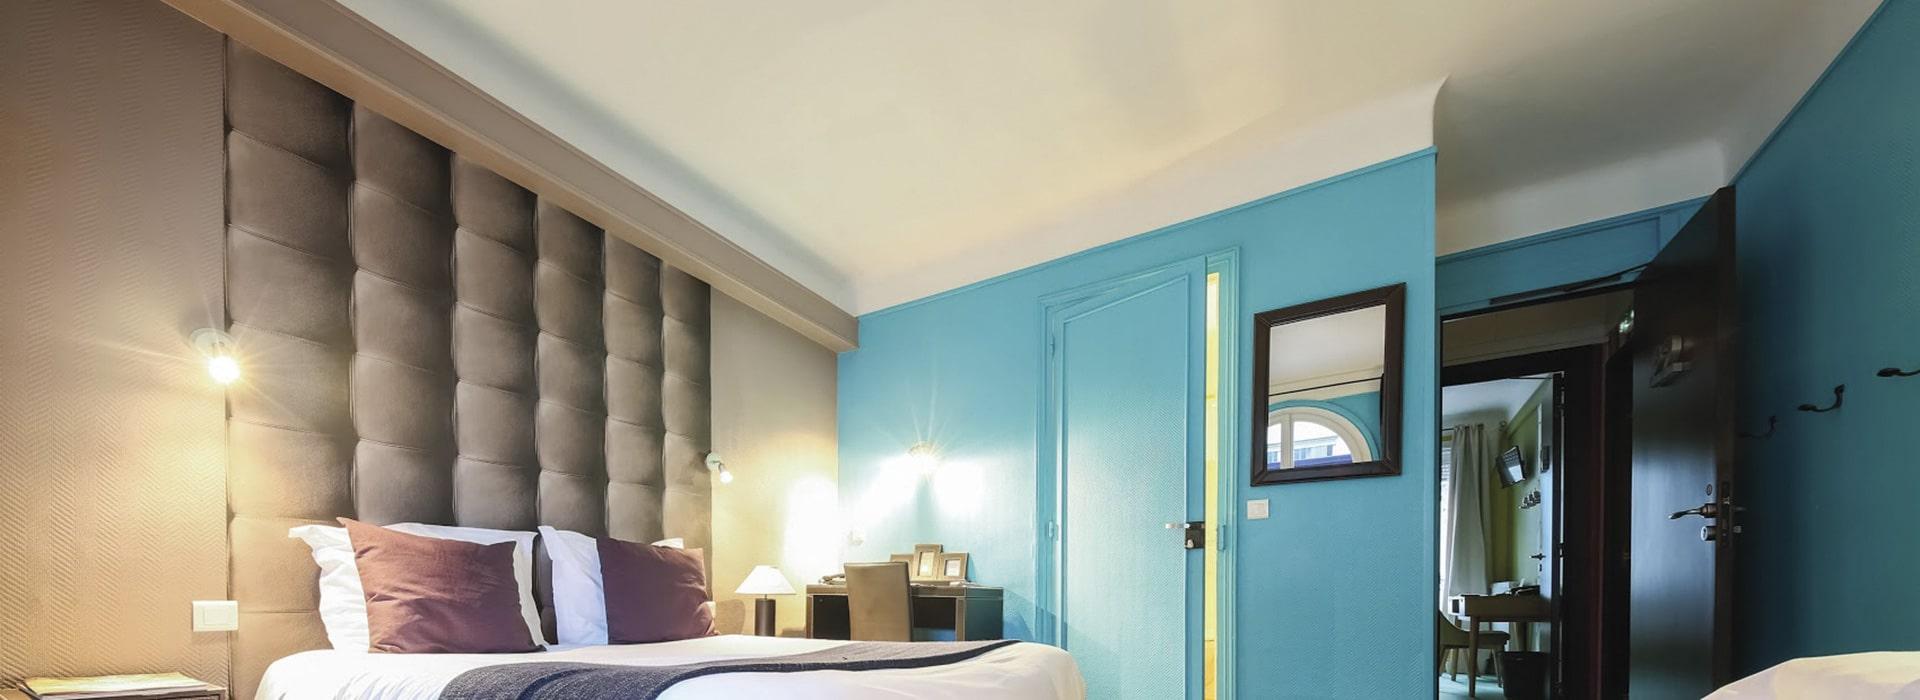 hotel-azur-chambre2